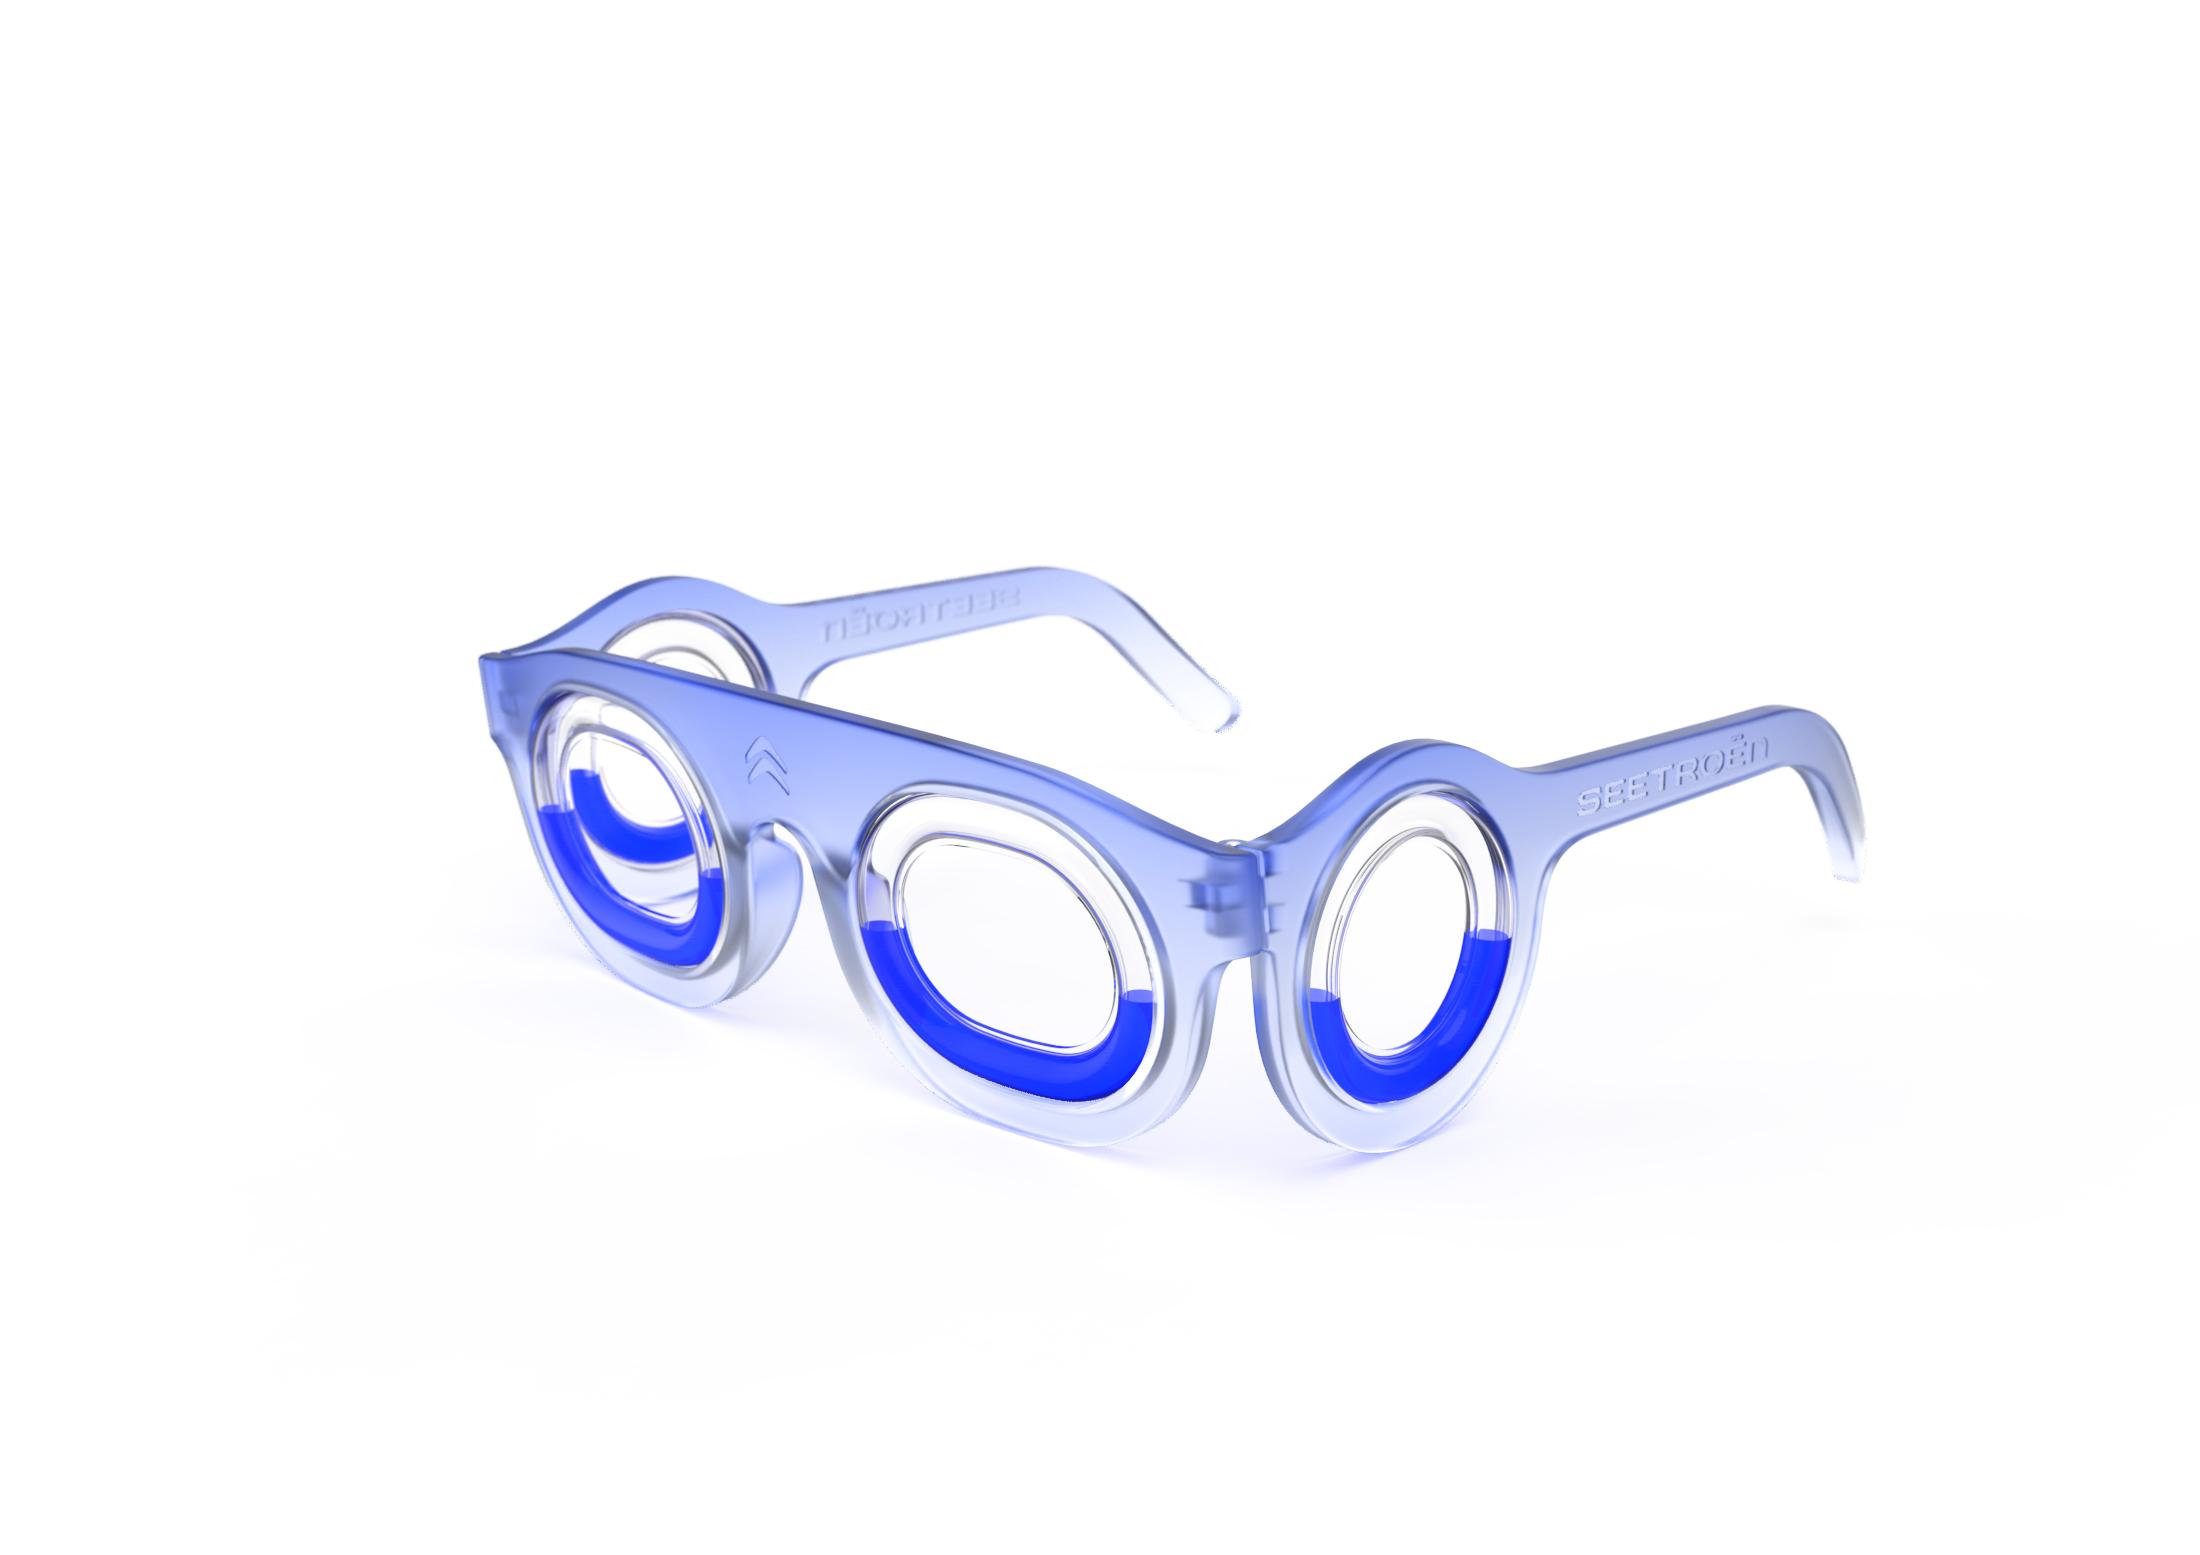 Os óculos destinam-se a adultos e crianças a partir dos 10 anos, idade em que o ouvido interno atinge o seu nível máximo de desenvolvimento.